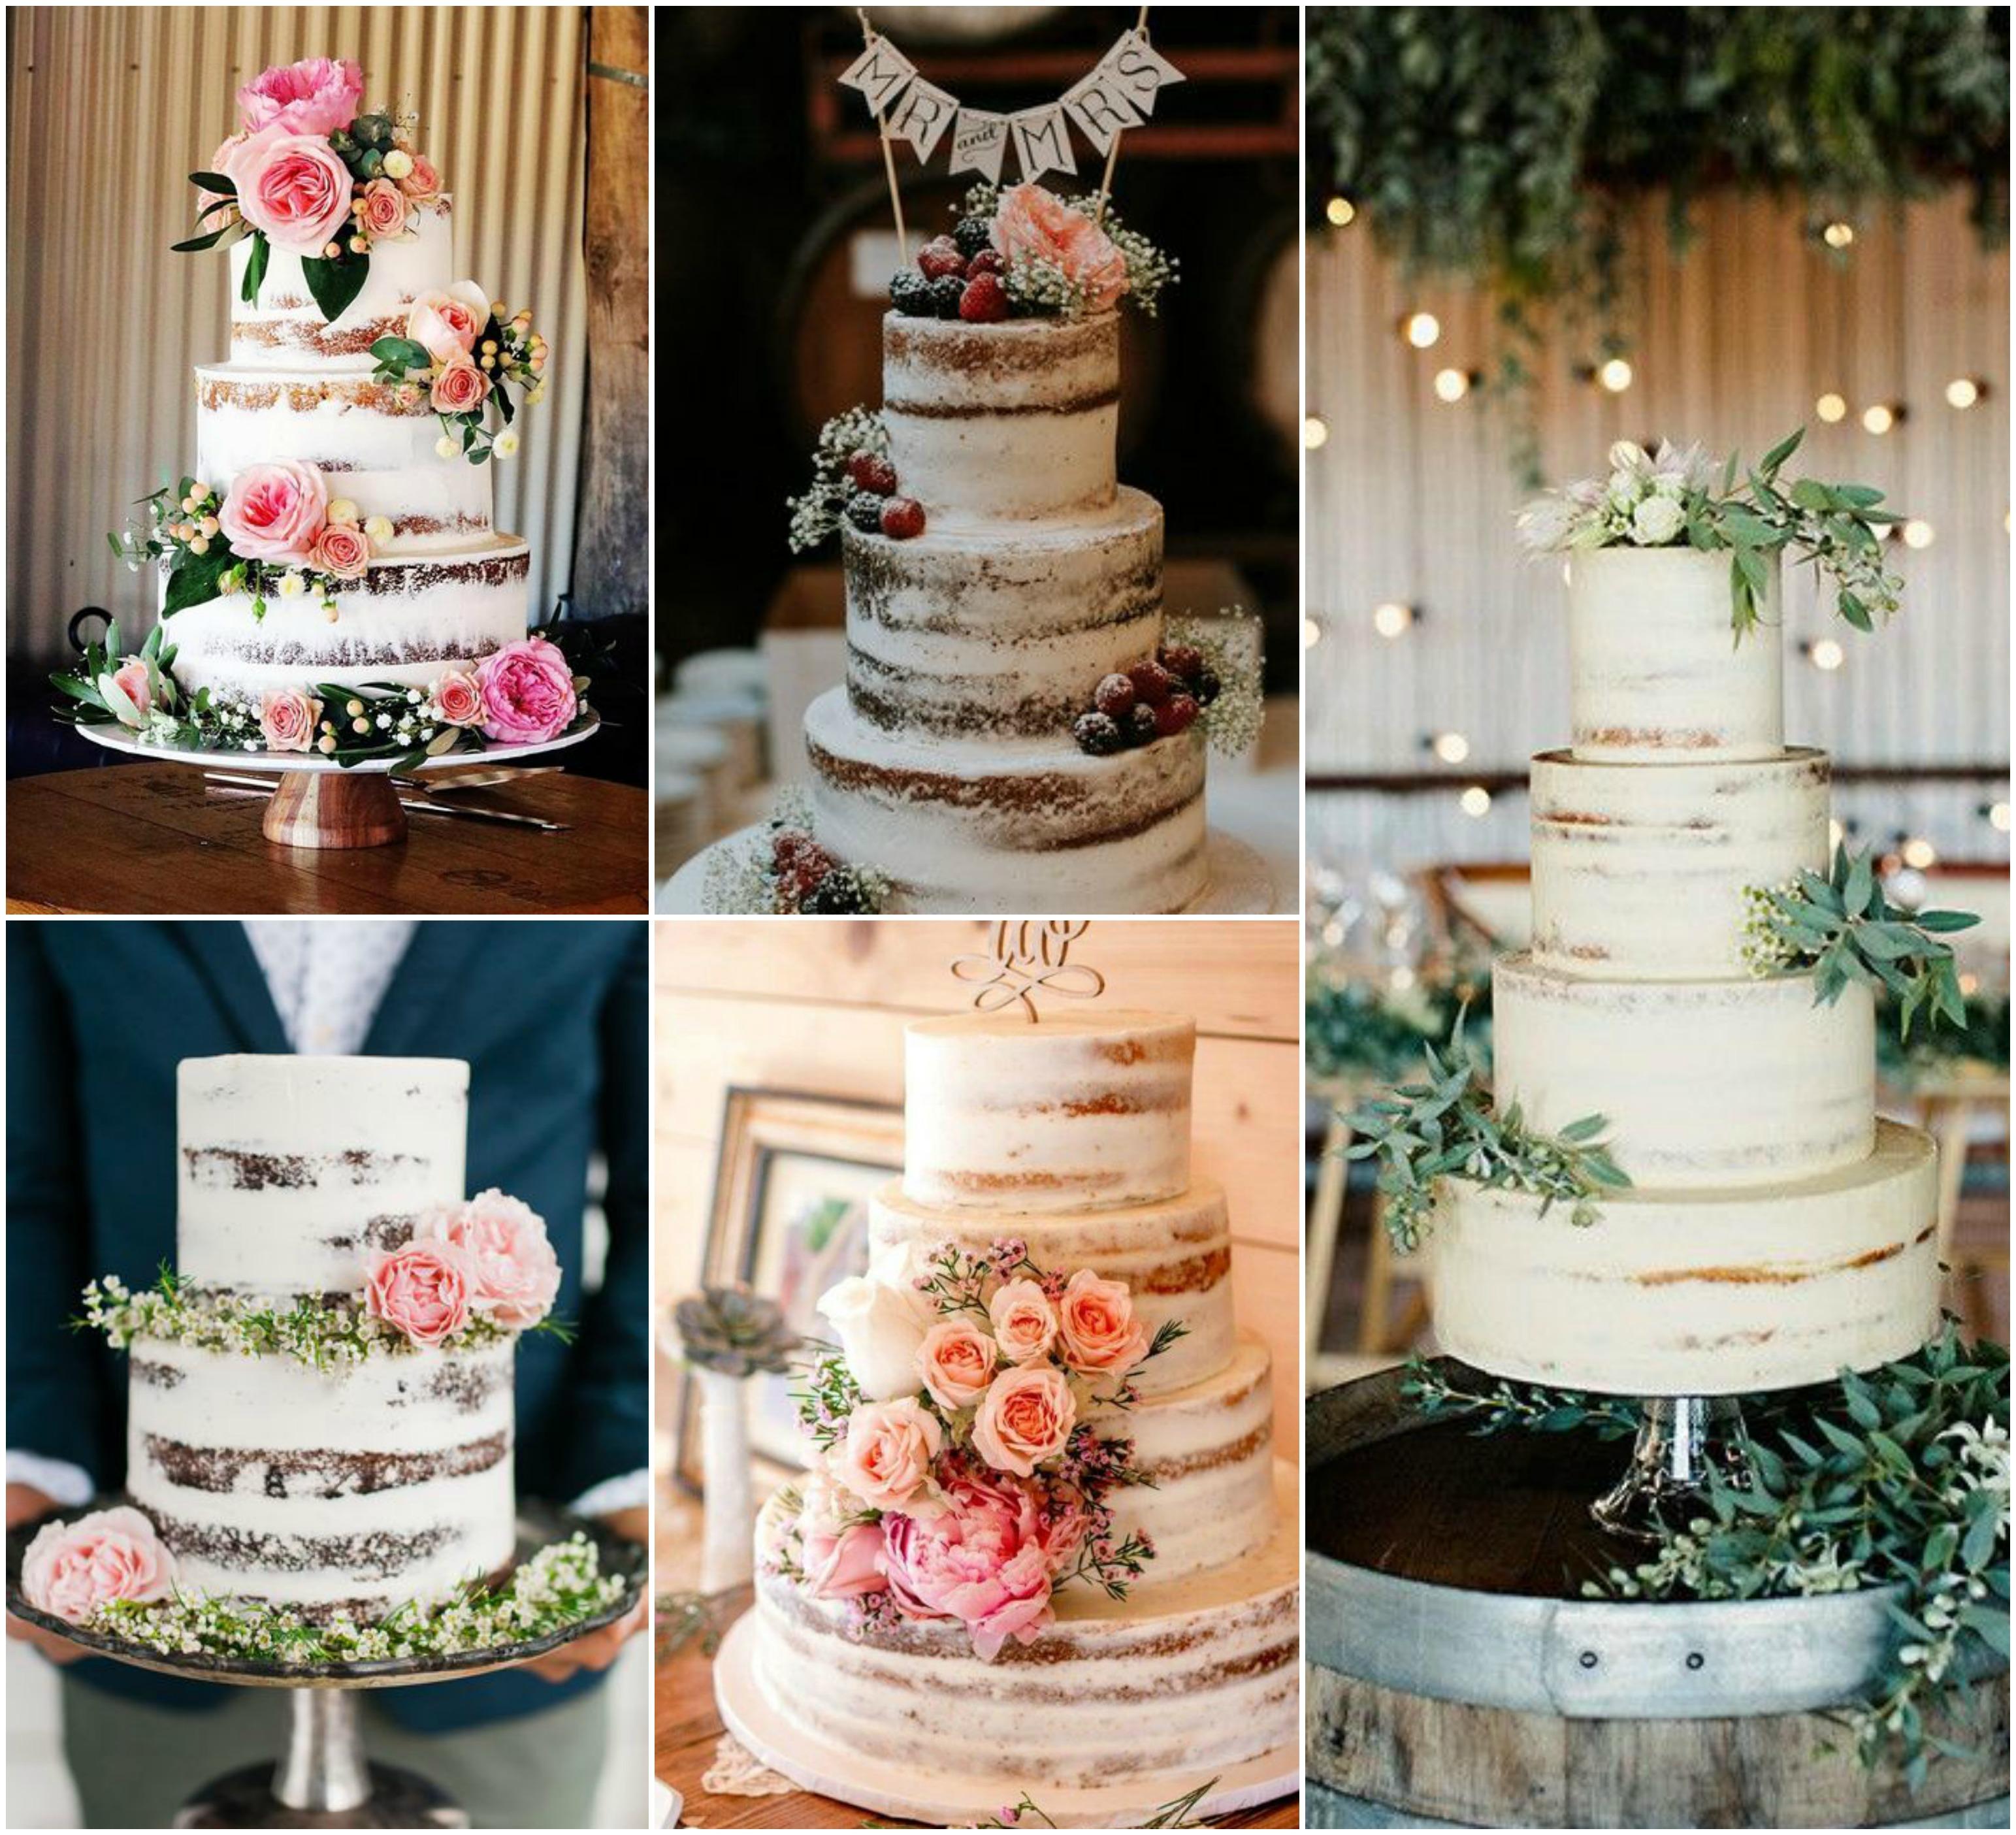 Naked Cake espatulado é tendência para casamento em 2017